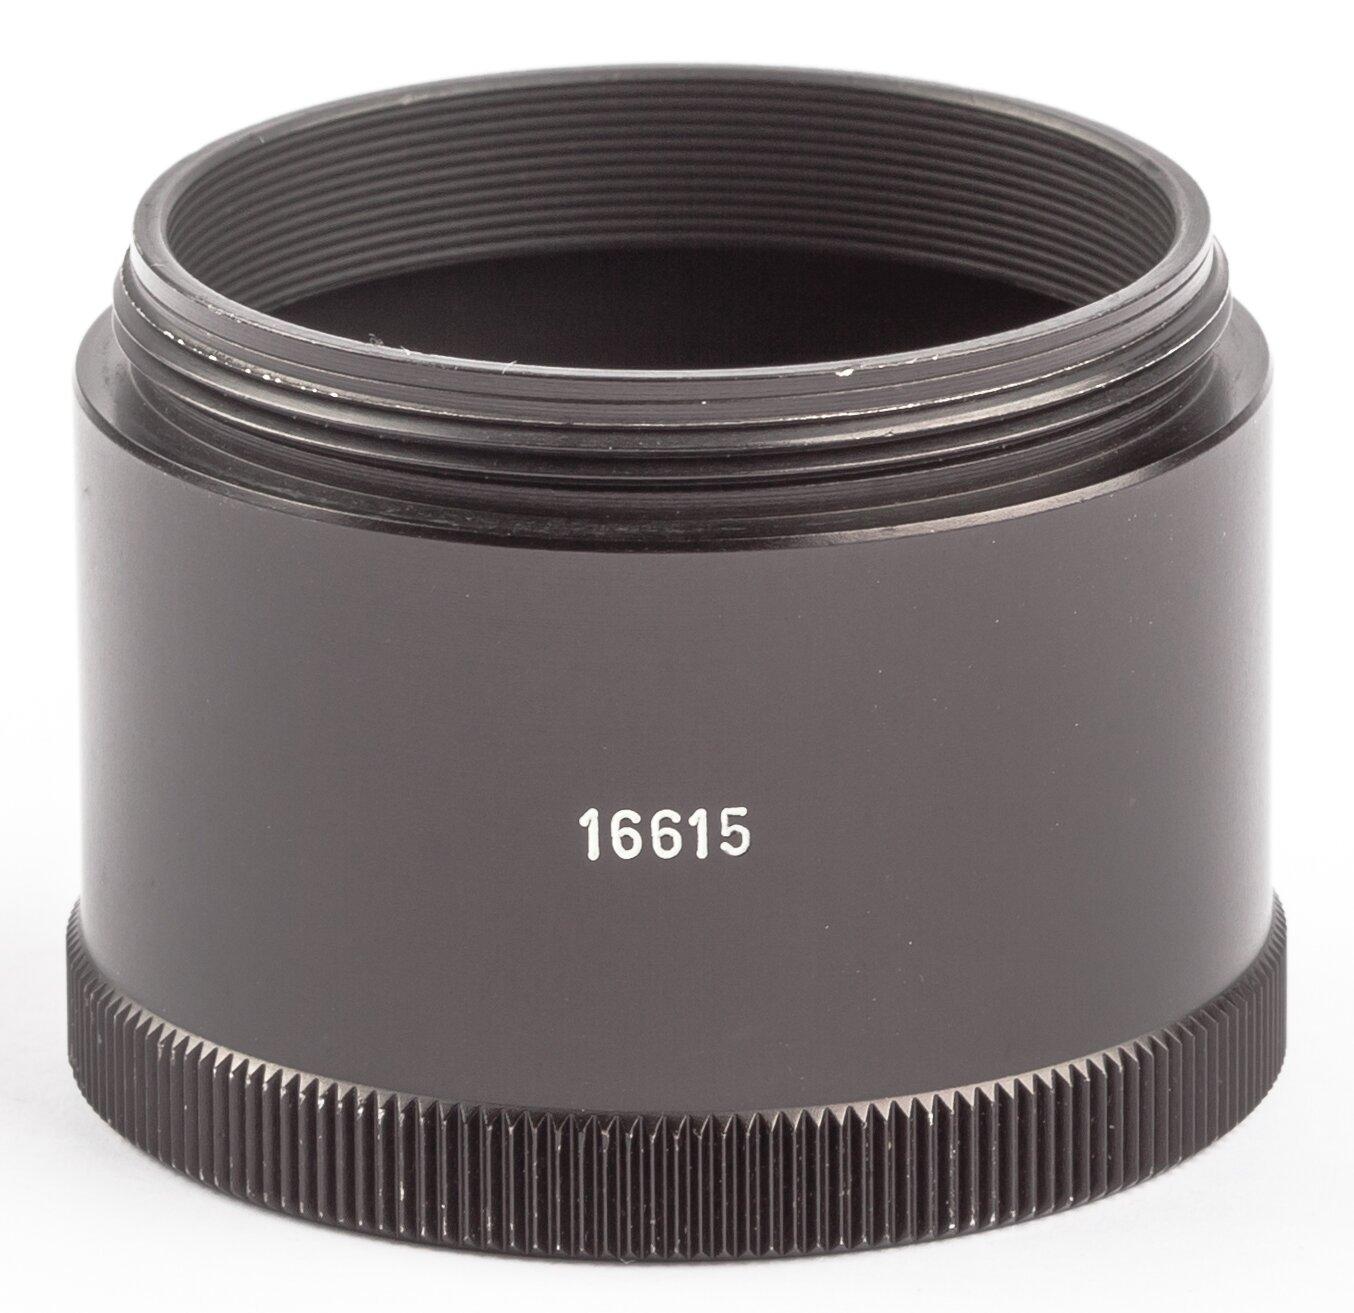 Leica M39 Zwischenring 16615